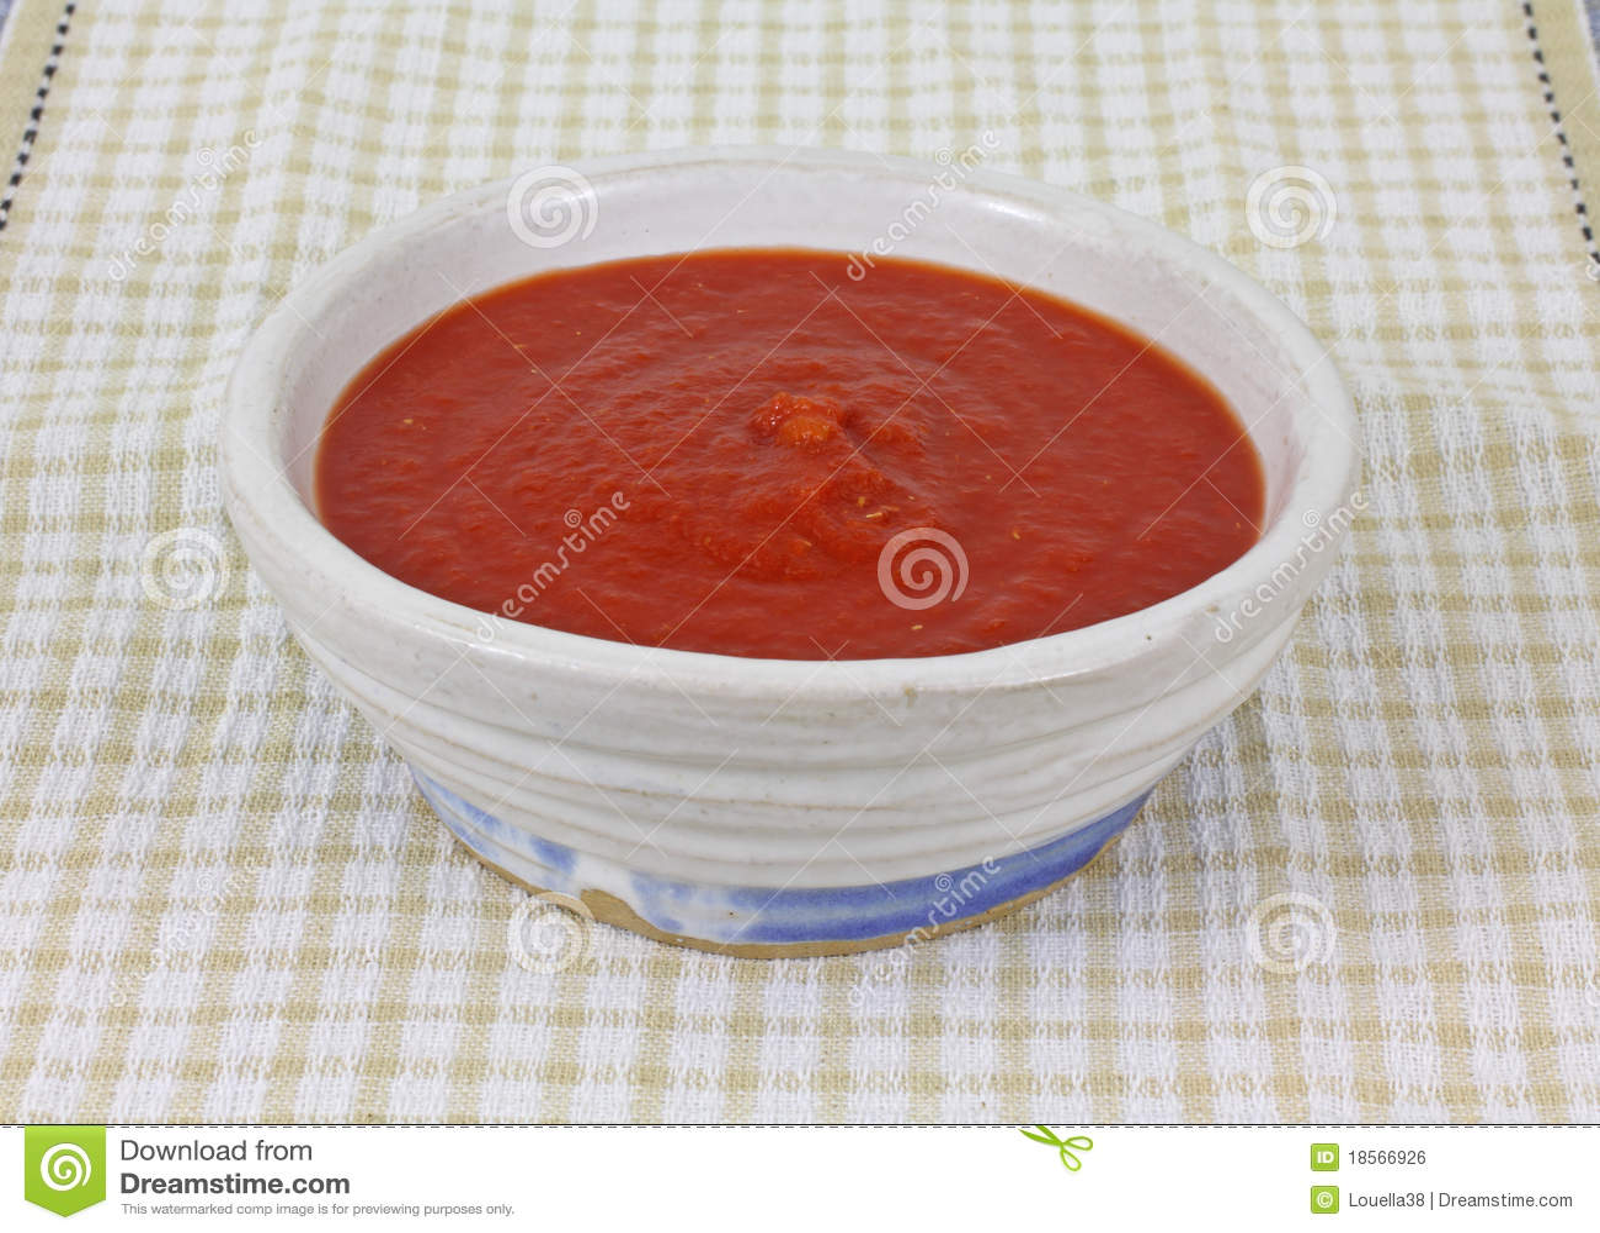 Opinião dianteira de pano Checkered fresco do molho do tomate